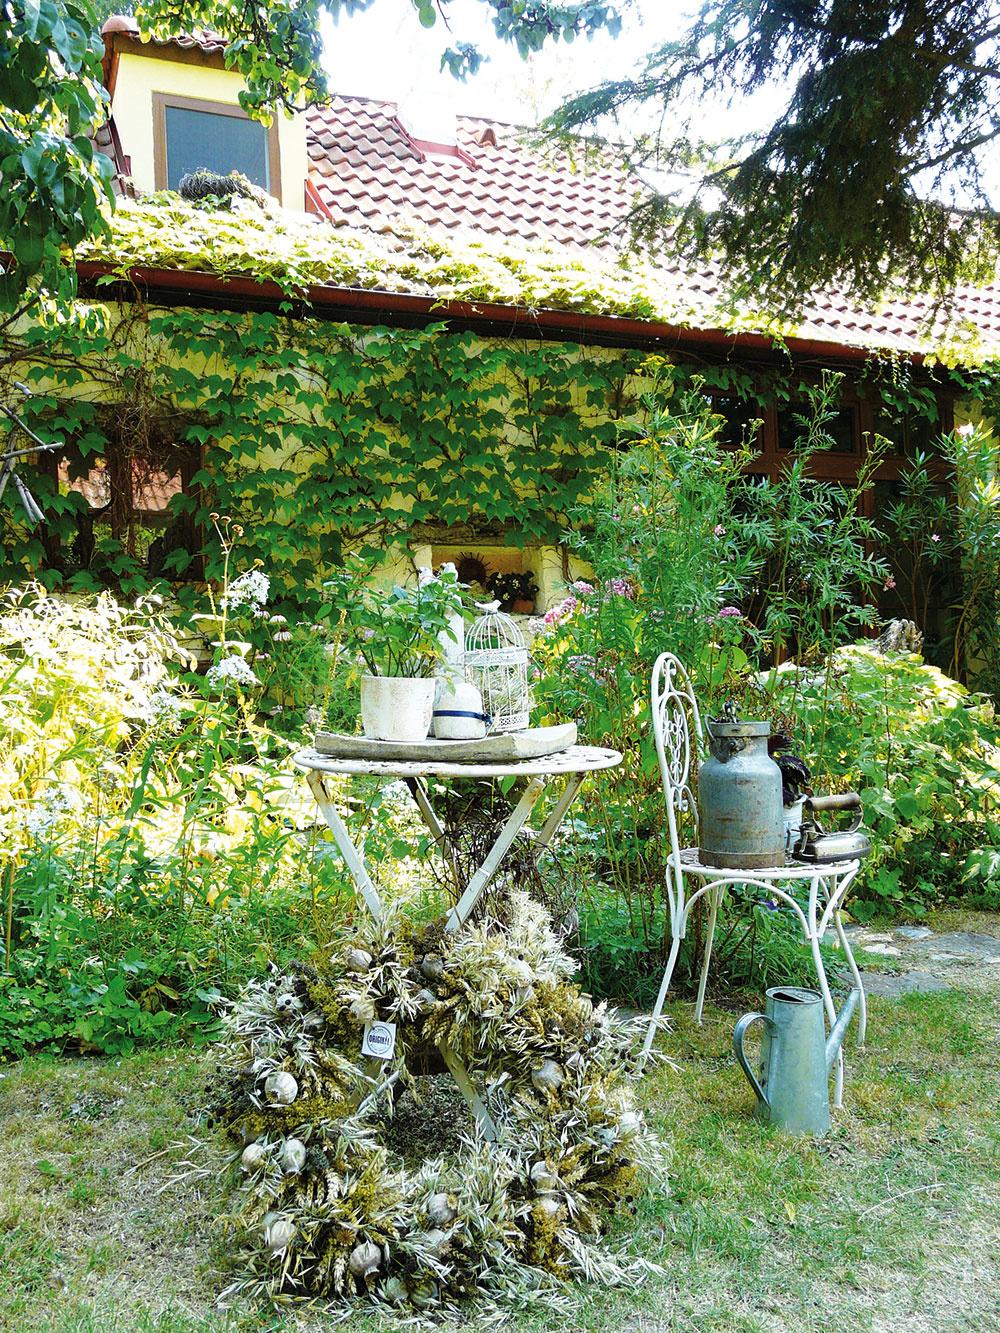 Pokojnú atmosféru vzáhrade okrem dekorácií vytvárajú najmä všadeprítomné kvety. UGebrovcov však plnia mnohorakú úlohu. Nielenže sú krásne na pohľad adotvárajú tak kolorit vidieckej záhrady, ale zároveň vsortimente prevládajú rastliny medonosné, ktoré opeľovačom každý rok pripravia skvelú hostinu.